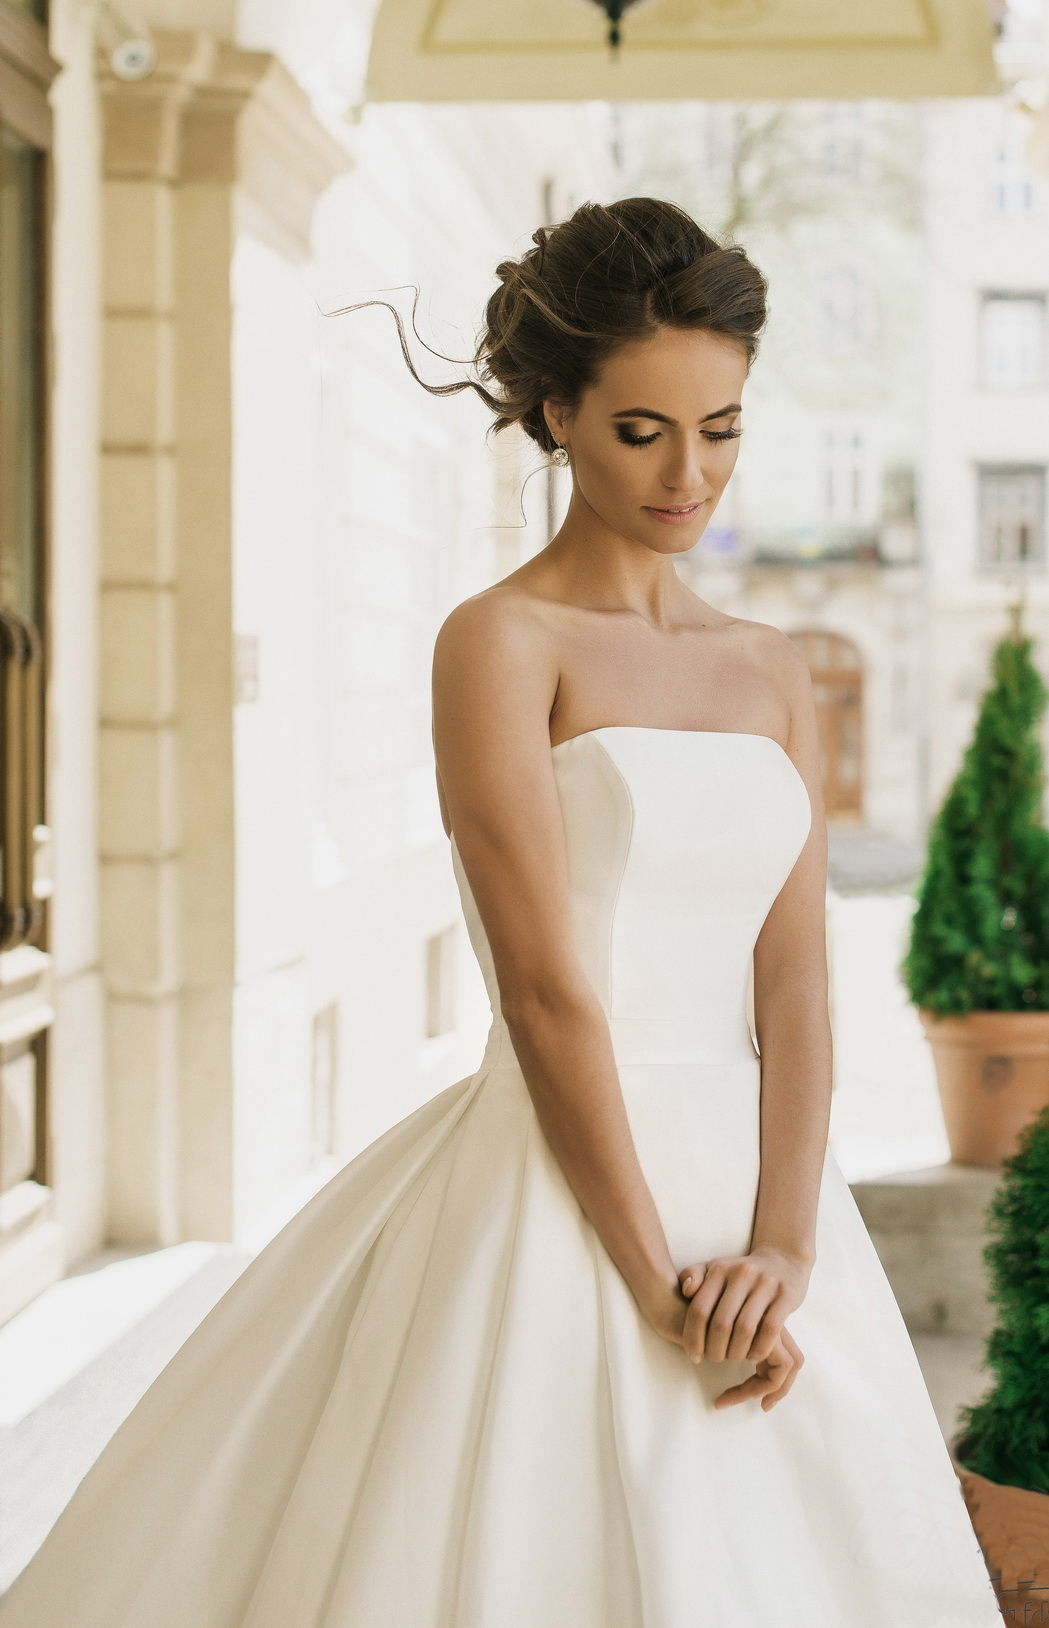 6ae83b46947 Кружевное свадебное платье с открытыми плечами Элегантное свадебное платье  с открытыми плечами ...